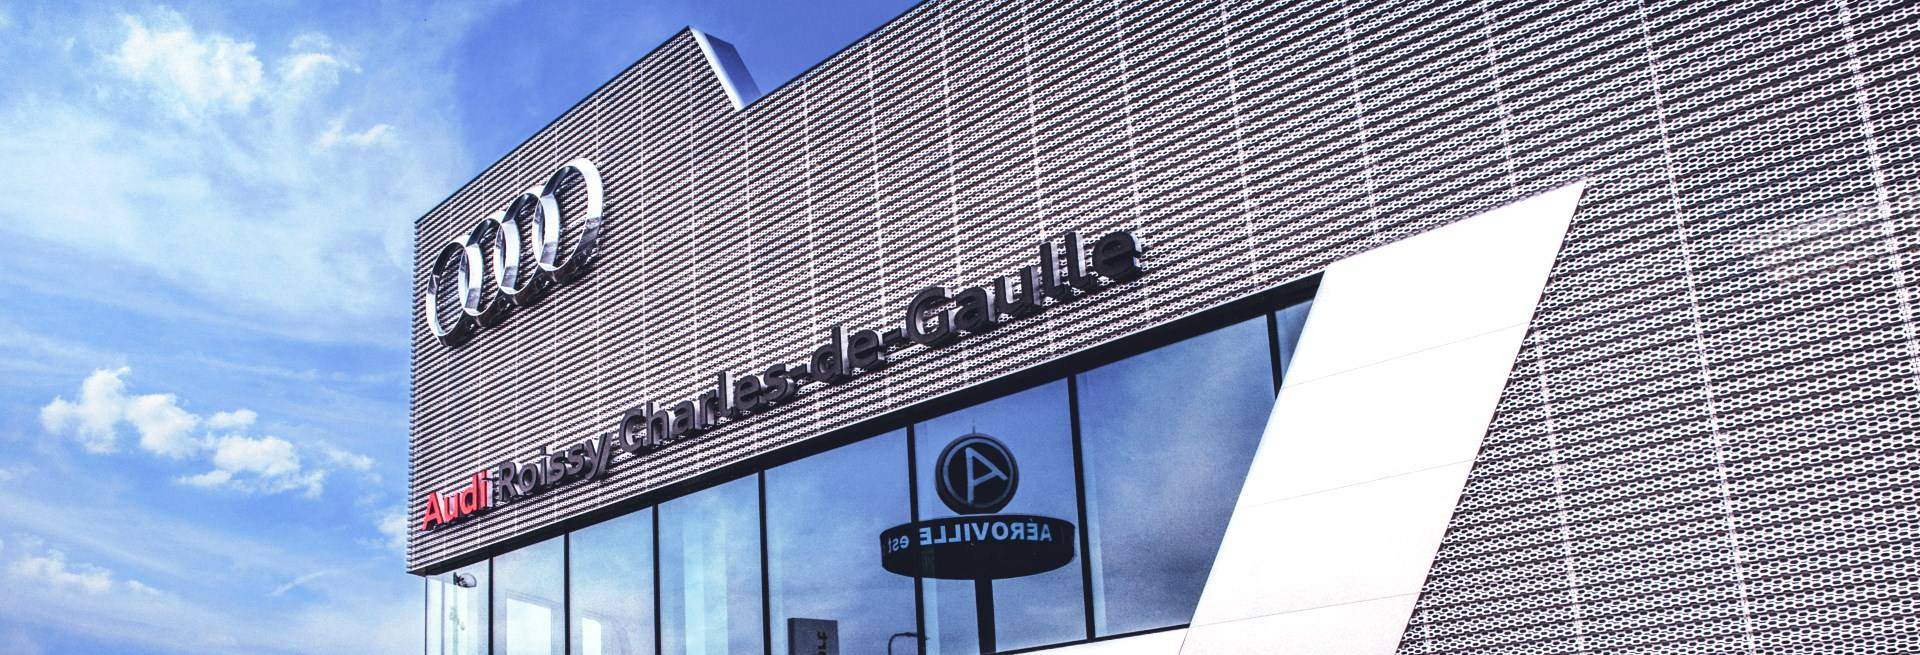 Audi Bauer Paris Roissy ouvre ses portes